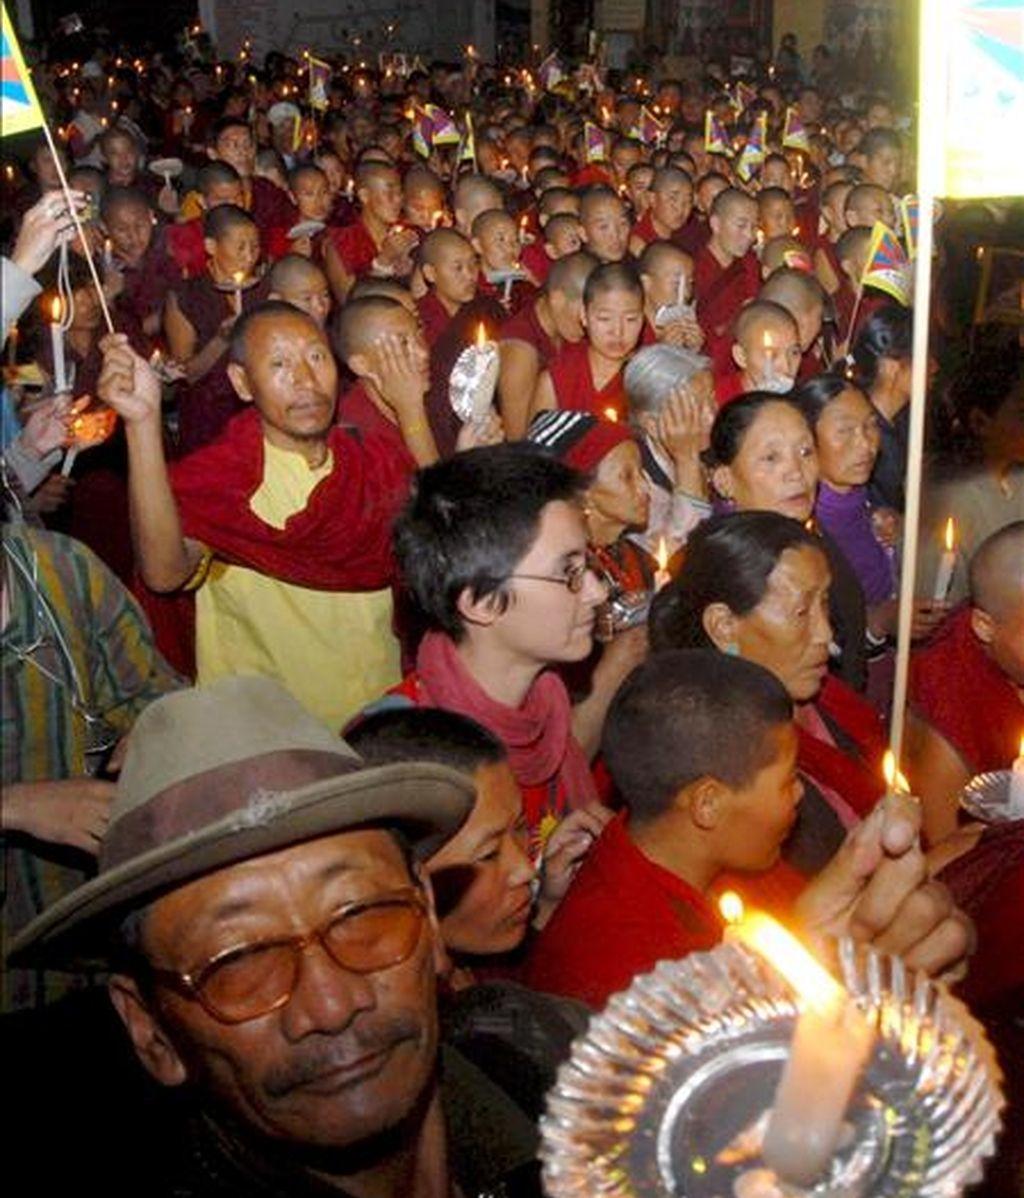 Miles de tibetanos protestan y gritan consignas anti Chinas durante una manifestación en el área dominada por los budas tibetanos en Katmandú, Nepal, en marzo de 2008. Miles de tibetanos participaron en una vigilia con velas para protestar por las muertes de tibetanos en Lhasa, China, durante enfrentamientos con la policía. EFE/Archivo